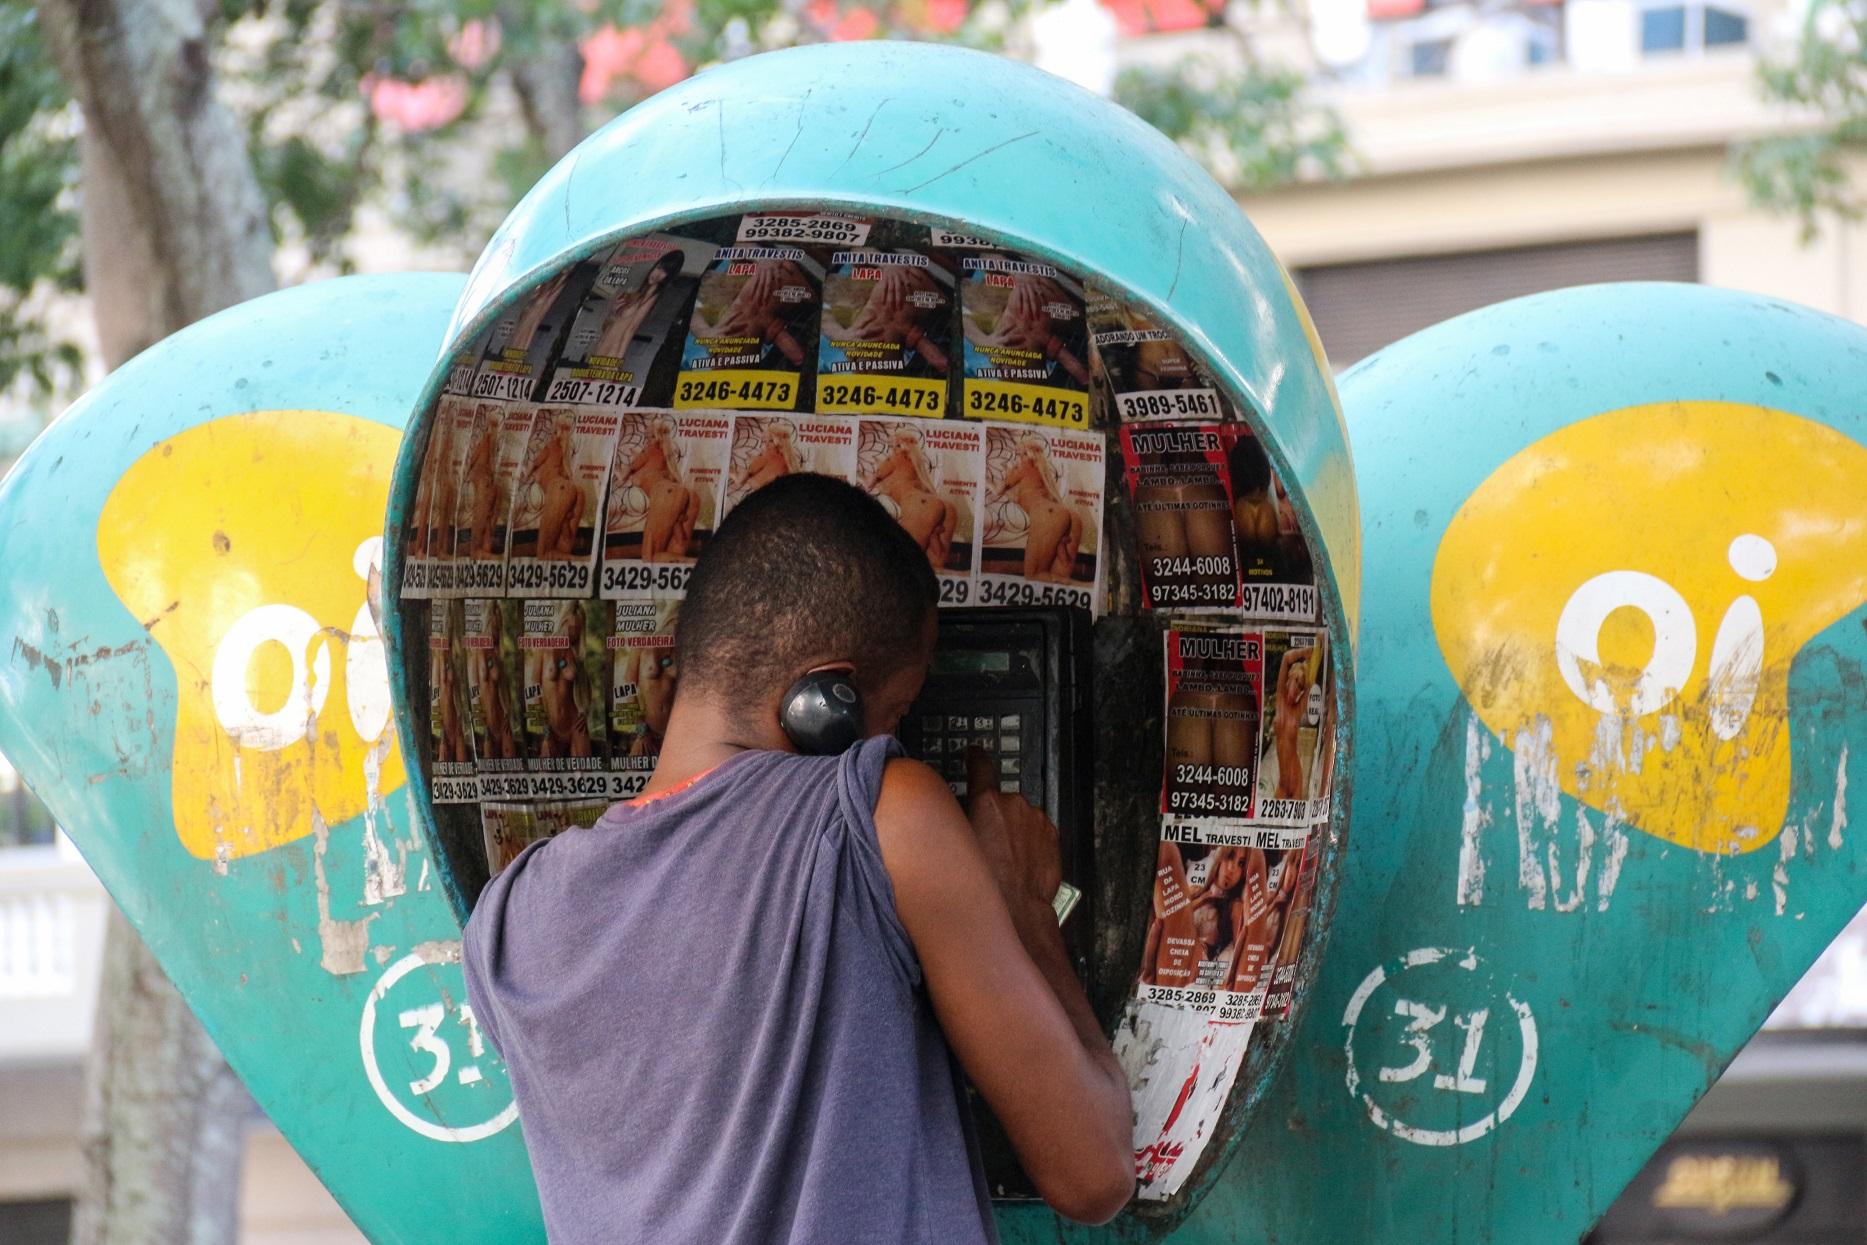 O raro usuário usa um dos muitos orelhões do Centro do Rio, lotado de anúncios de serviço de sexo. Foto de Luiz Souza/NurPhoto